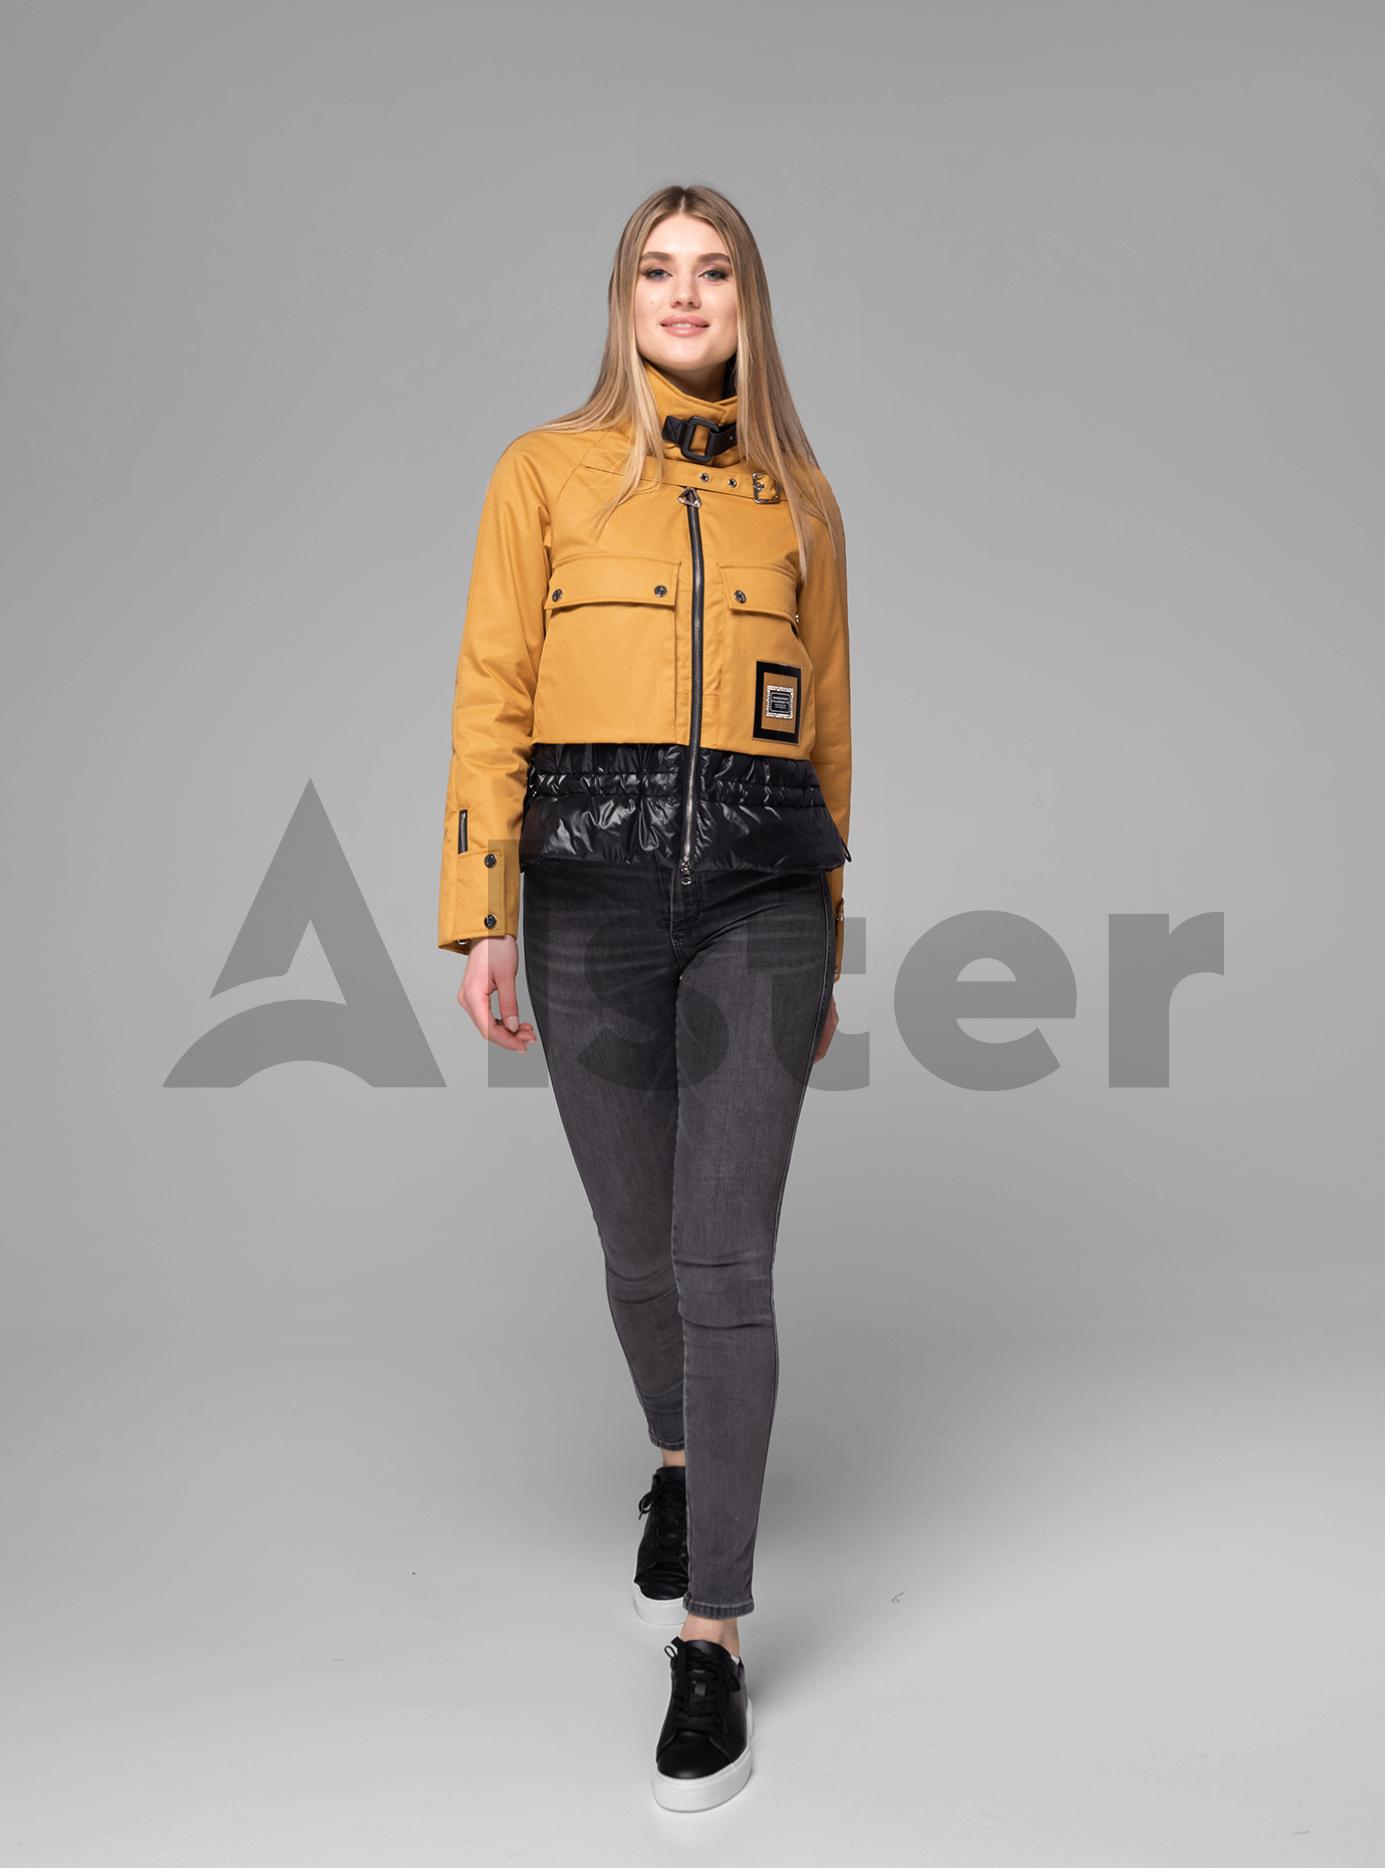 Куртка женская короткая с ремешком Тёмно-жёлтый S (02-V191014): фото - Alster.ua